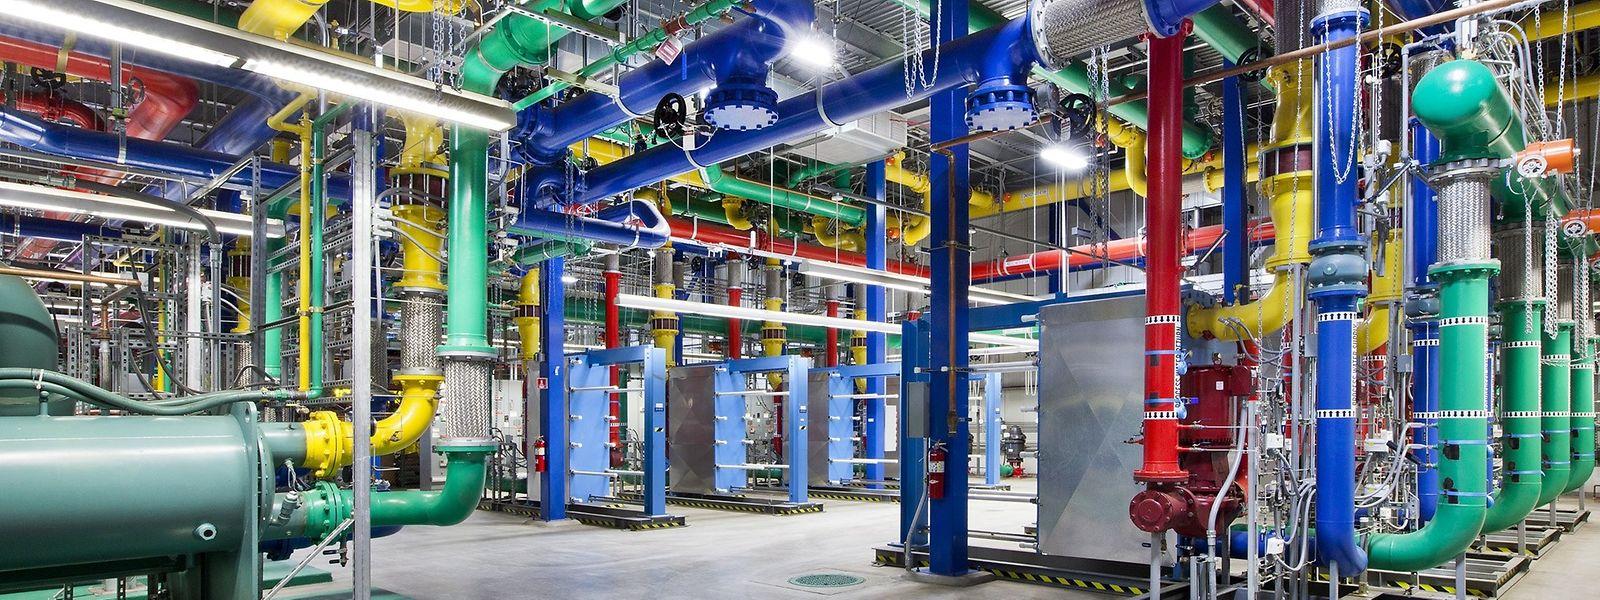 Ein Blick auf das Kühlsystem eines Google-Rechenzentrums. In Luxemburg soll Luxlait mit Kühlwasser helfen, doch das wird nicht reichen.